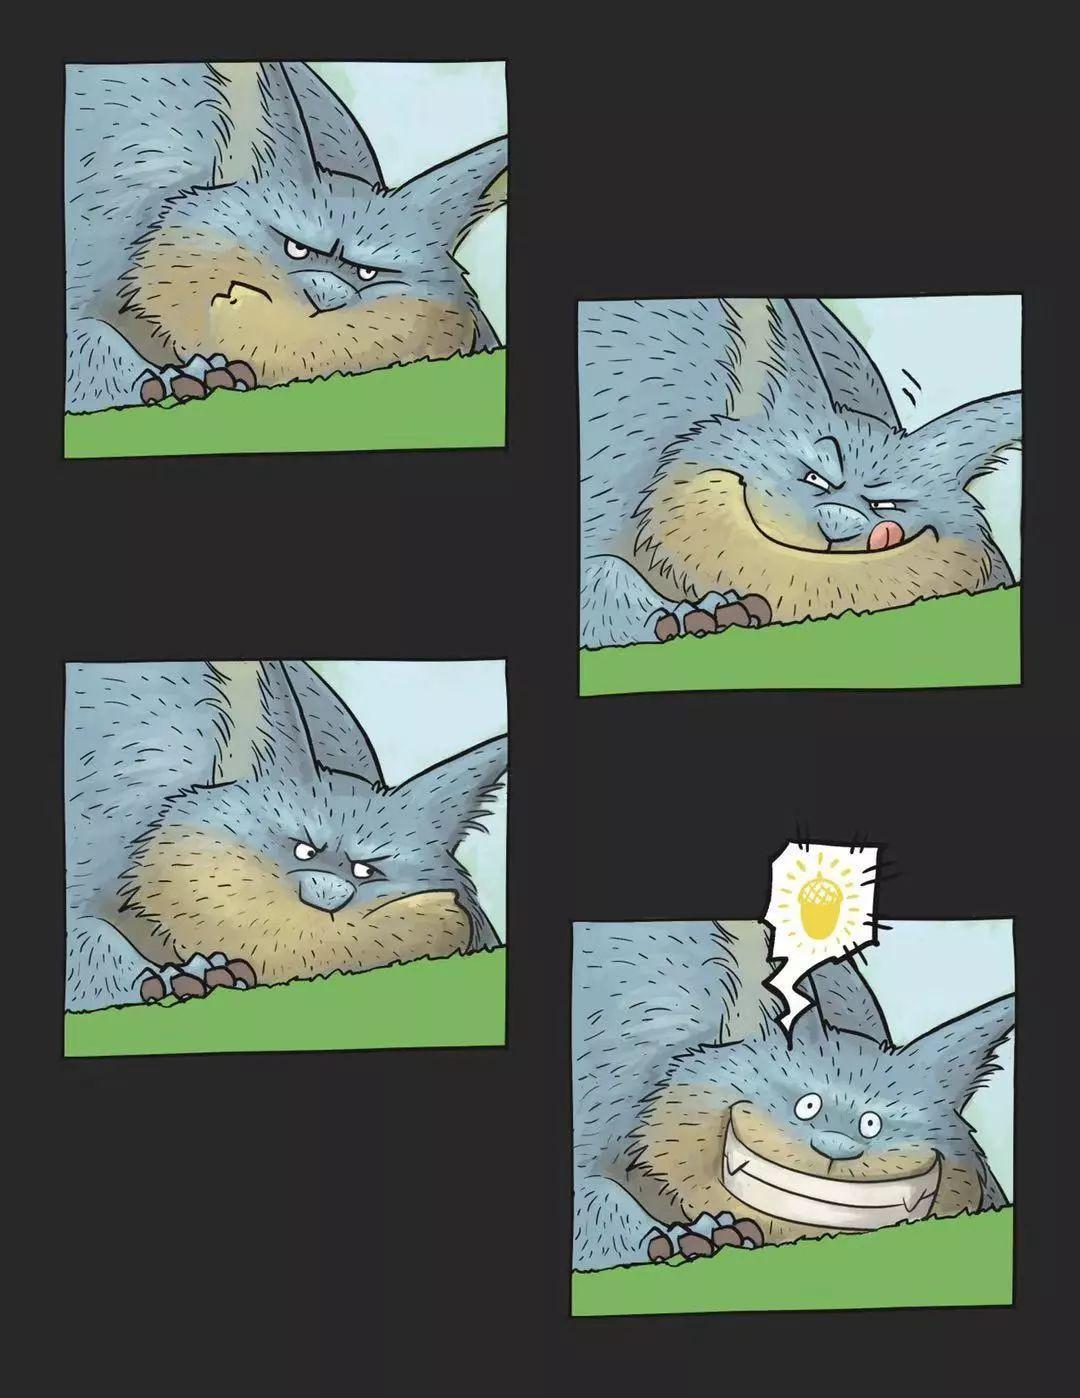 鸦之巢《帝王山雀》月魔bobo长老蟹吃到是臭的图片